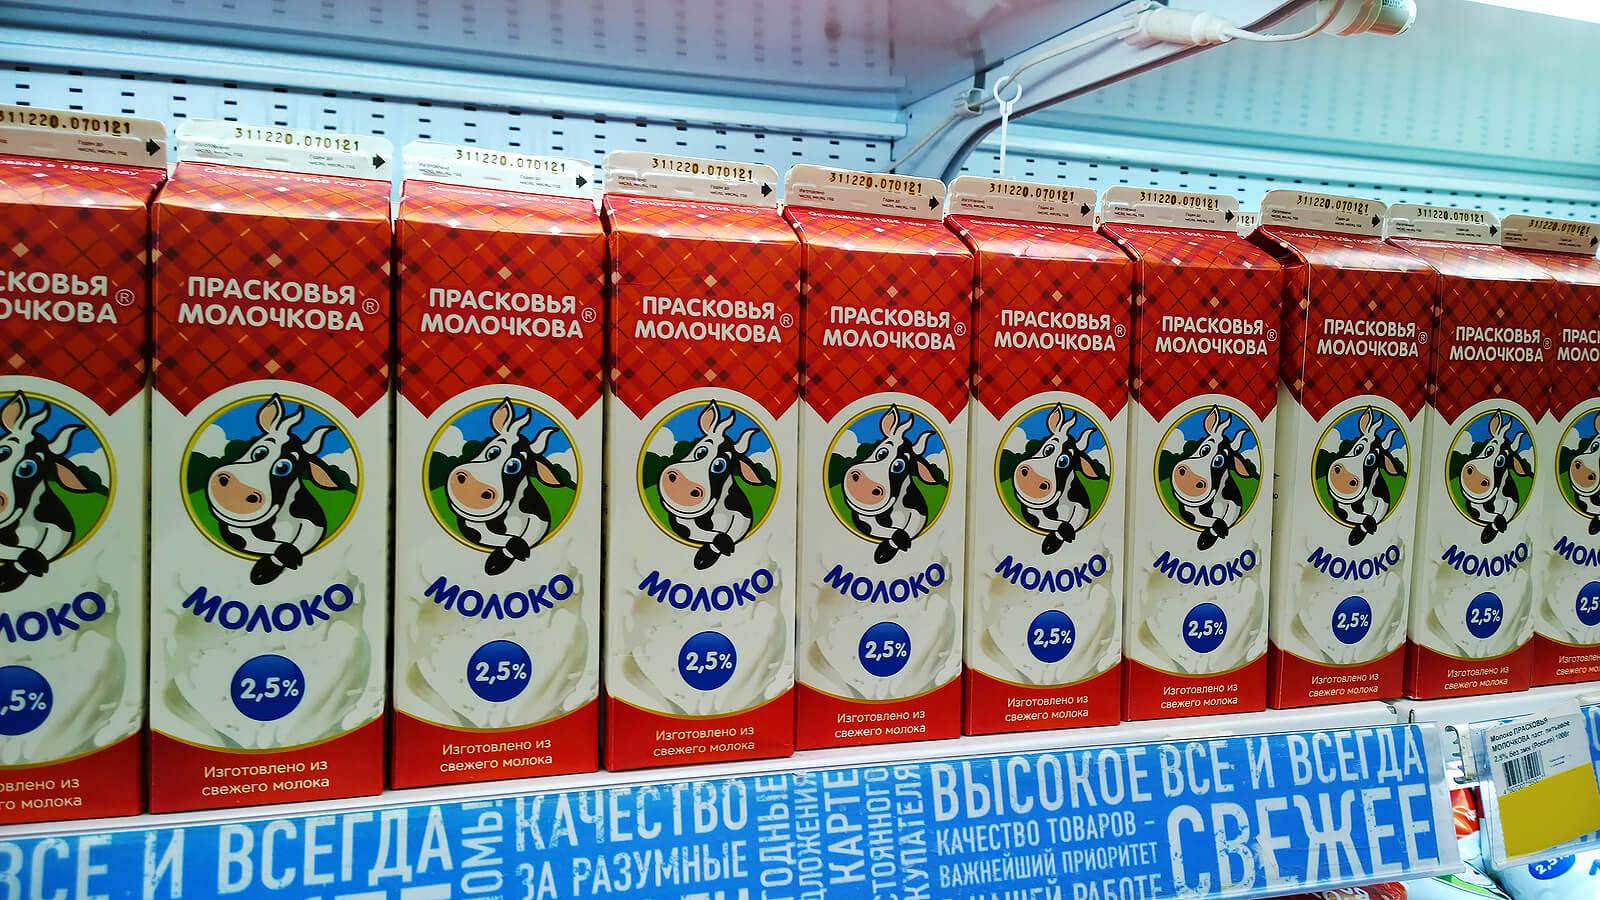 Tetrabriks de leche en  un supermercado deRusia.